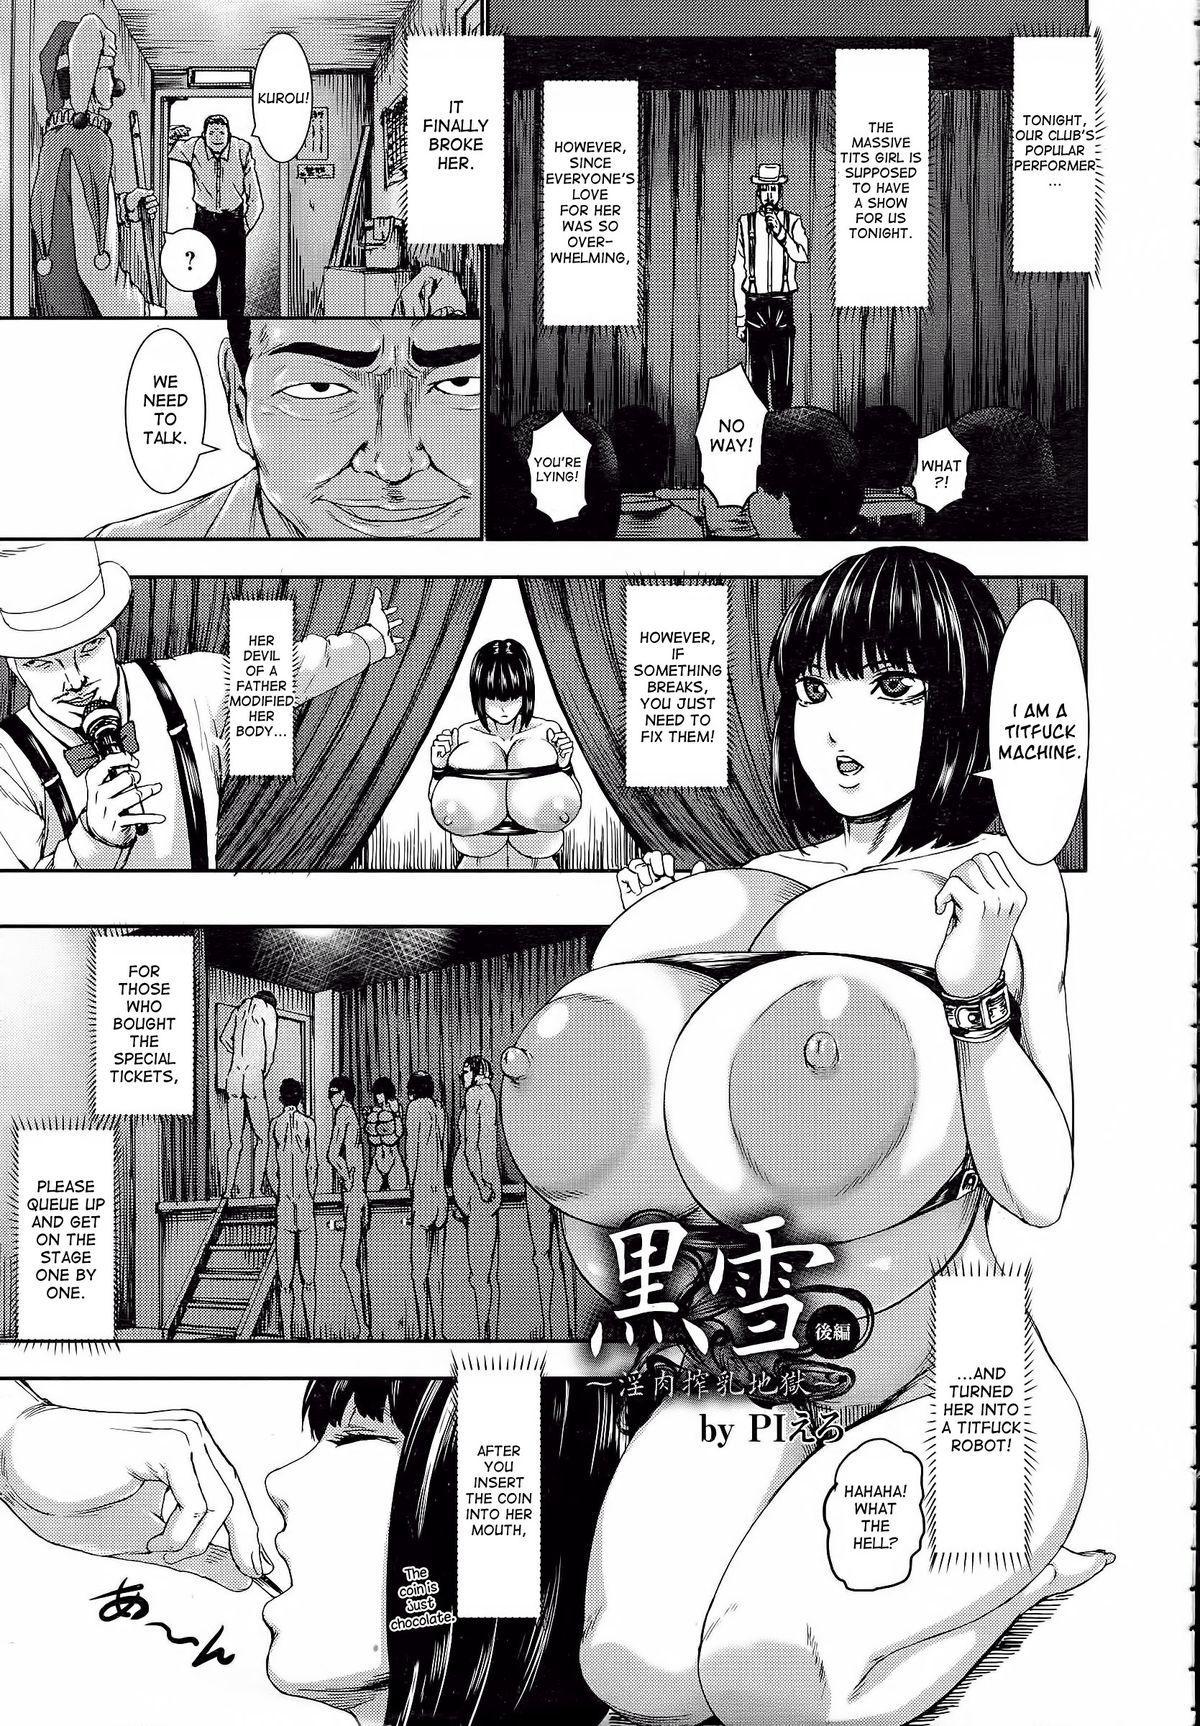 [PIero] Kuroyuki ~Inniku Sakunyuu Jigoku~ Kouhen | Black Snow ~The Depraved Cow-milking Hell~ part 2 (ANGEL Club 2015-05) [English] [desudesu] 0